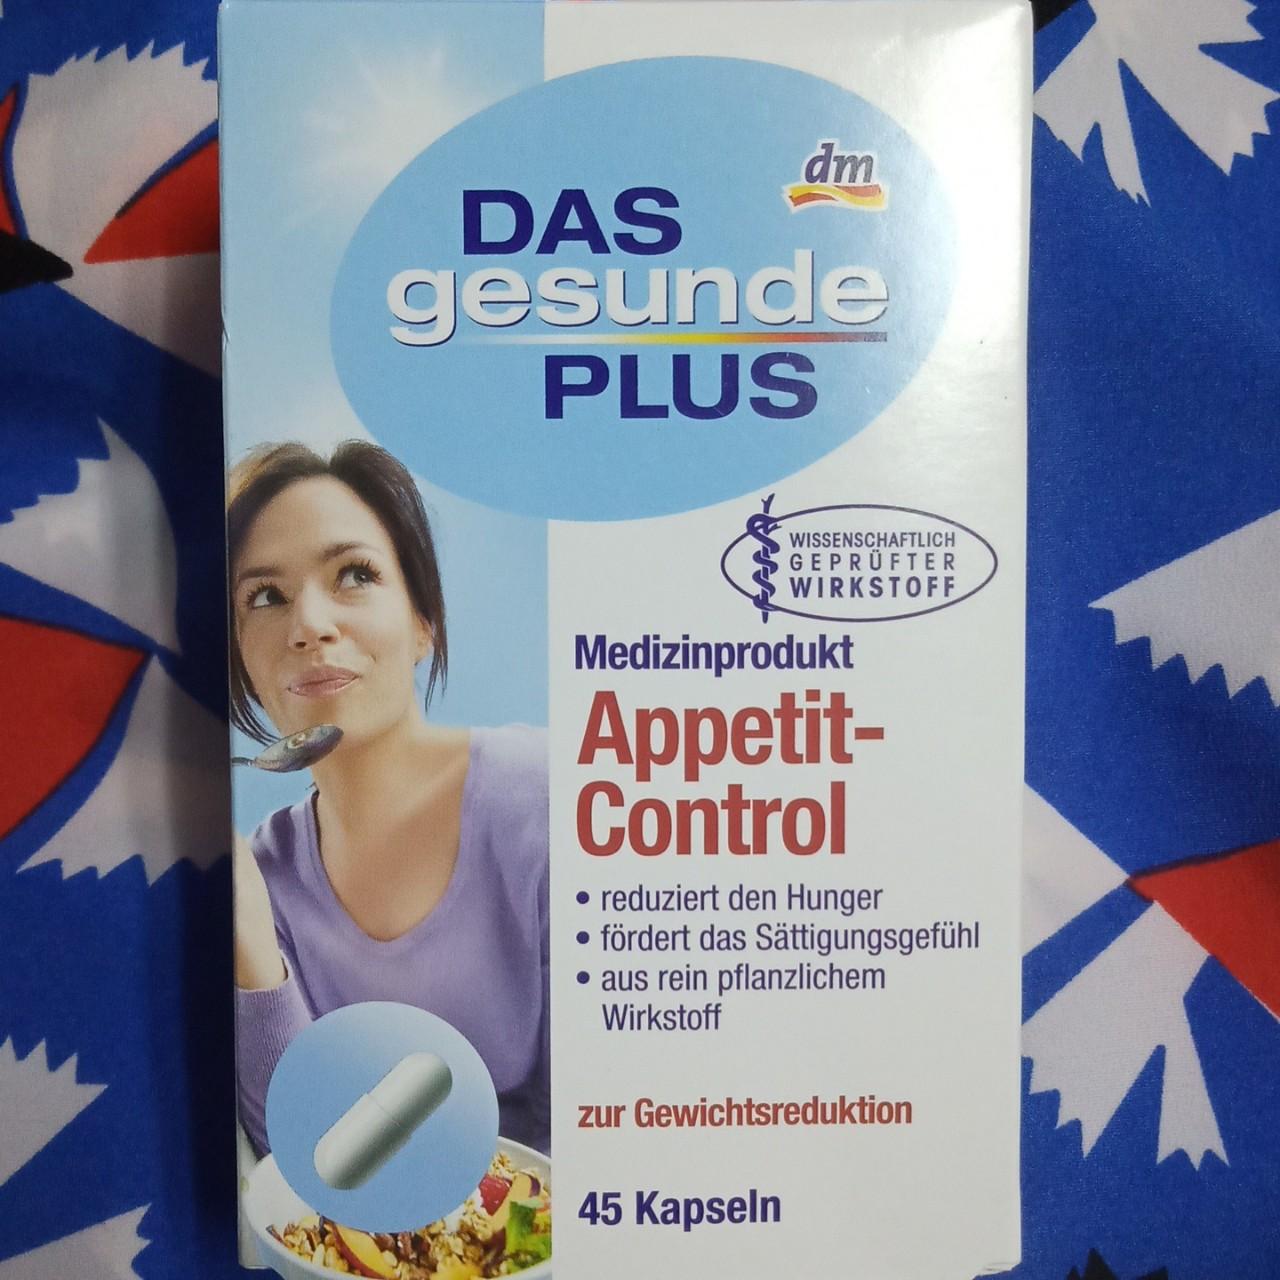 Viên nang kiểm soát sự thèm ăn Dasgesunde Plus-sale